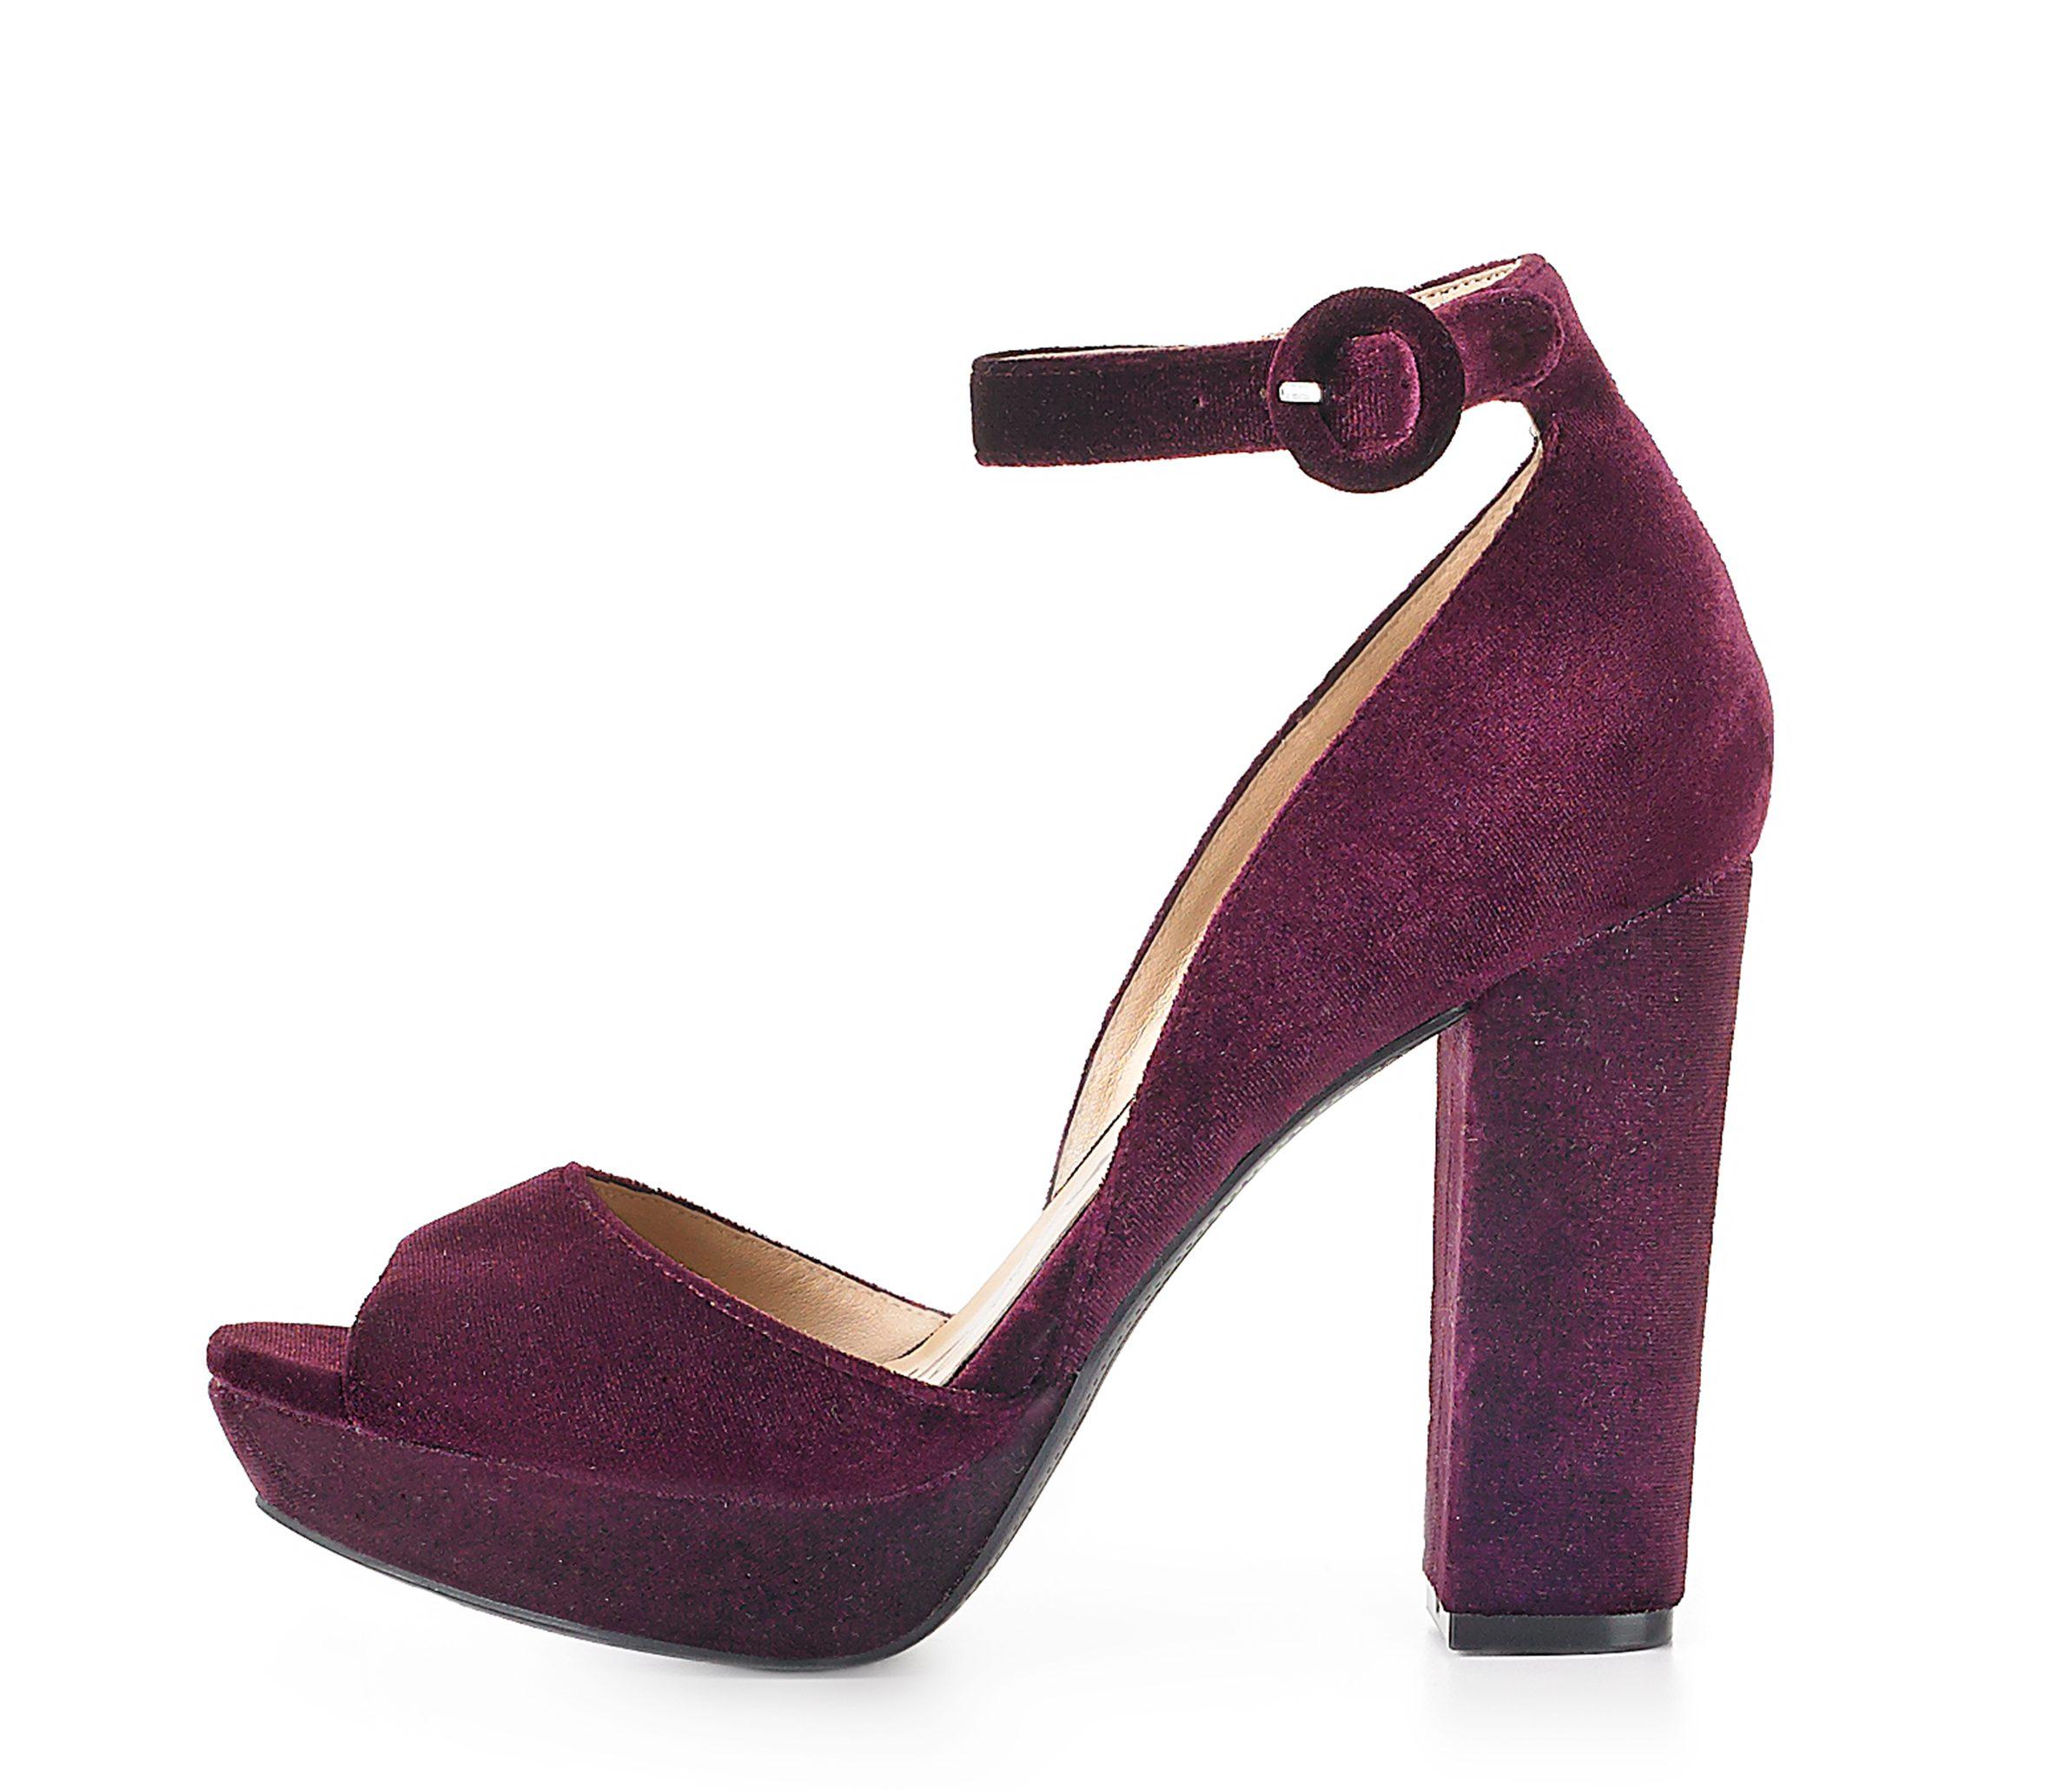 La zapatilla con tacón y correa al tobillo diseñadas en 'velvet' o terciopelo, como esta, elaborada por American Rag, es otra de las grandes tendencias de esta temporada.